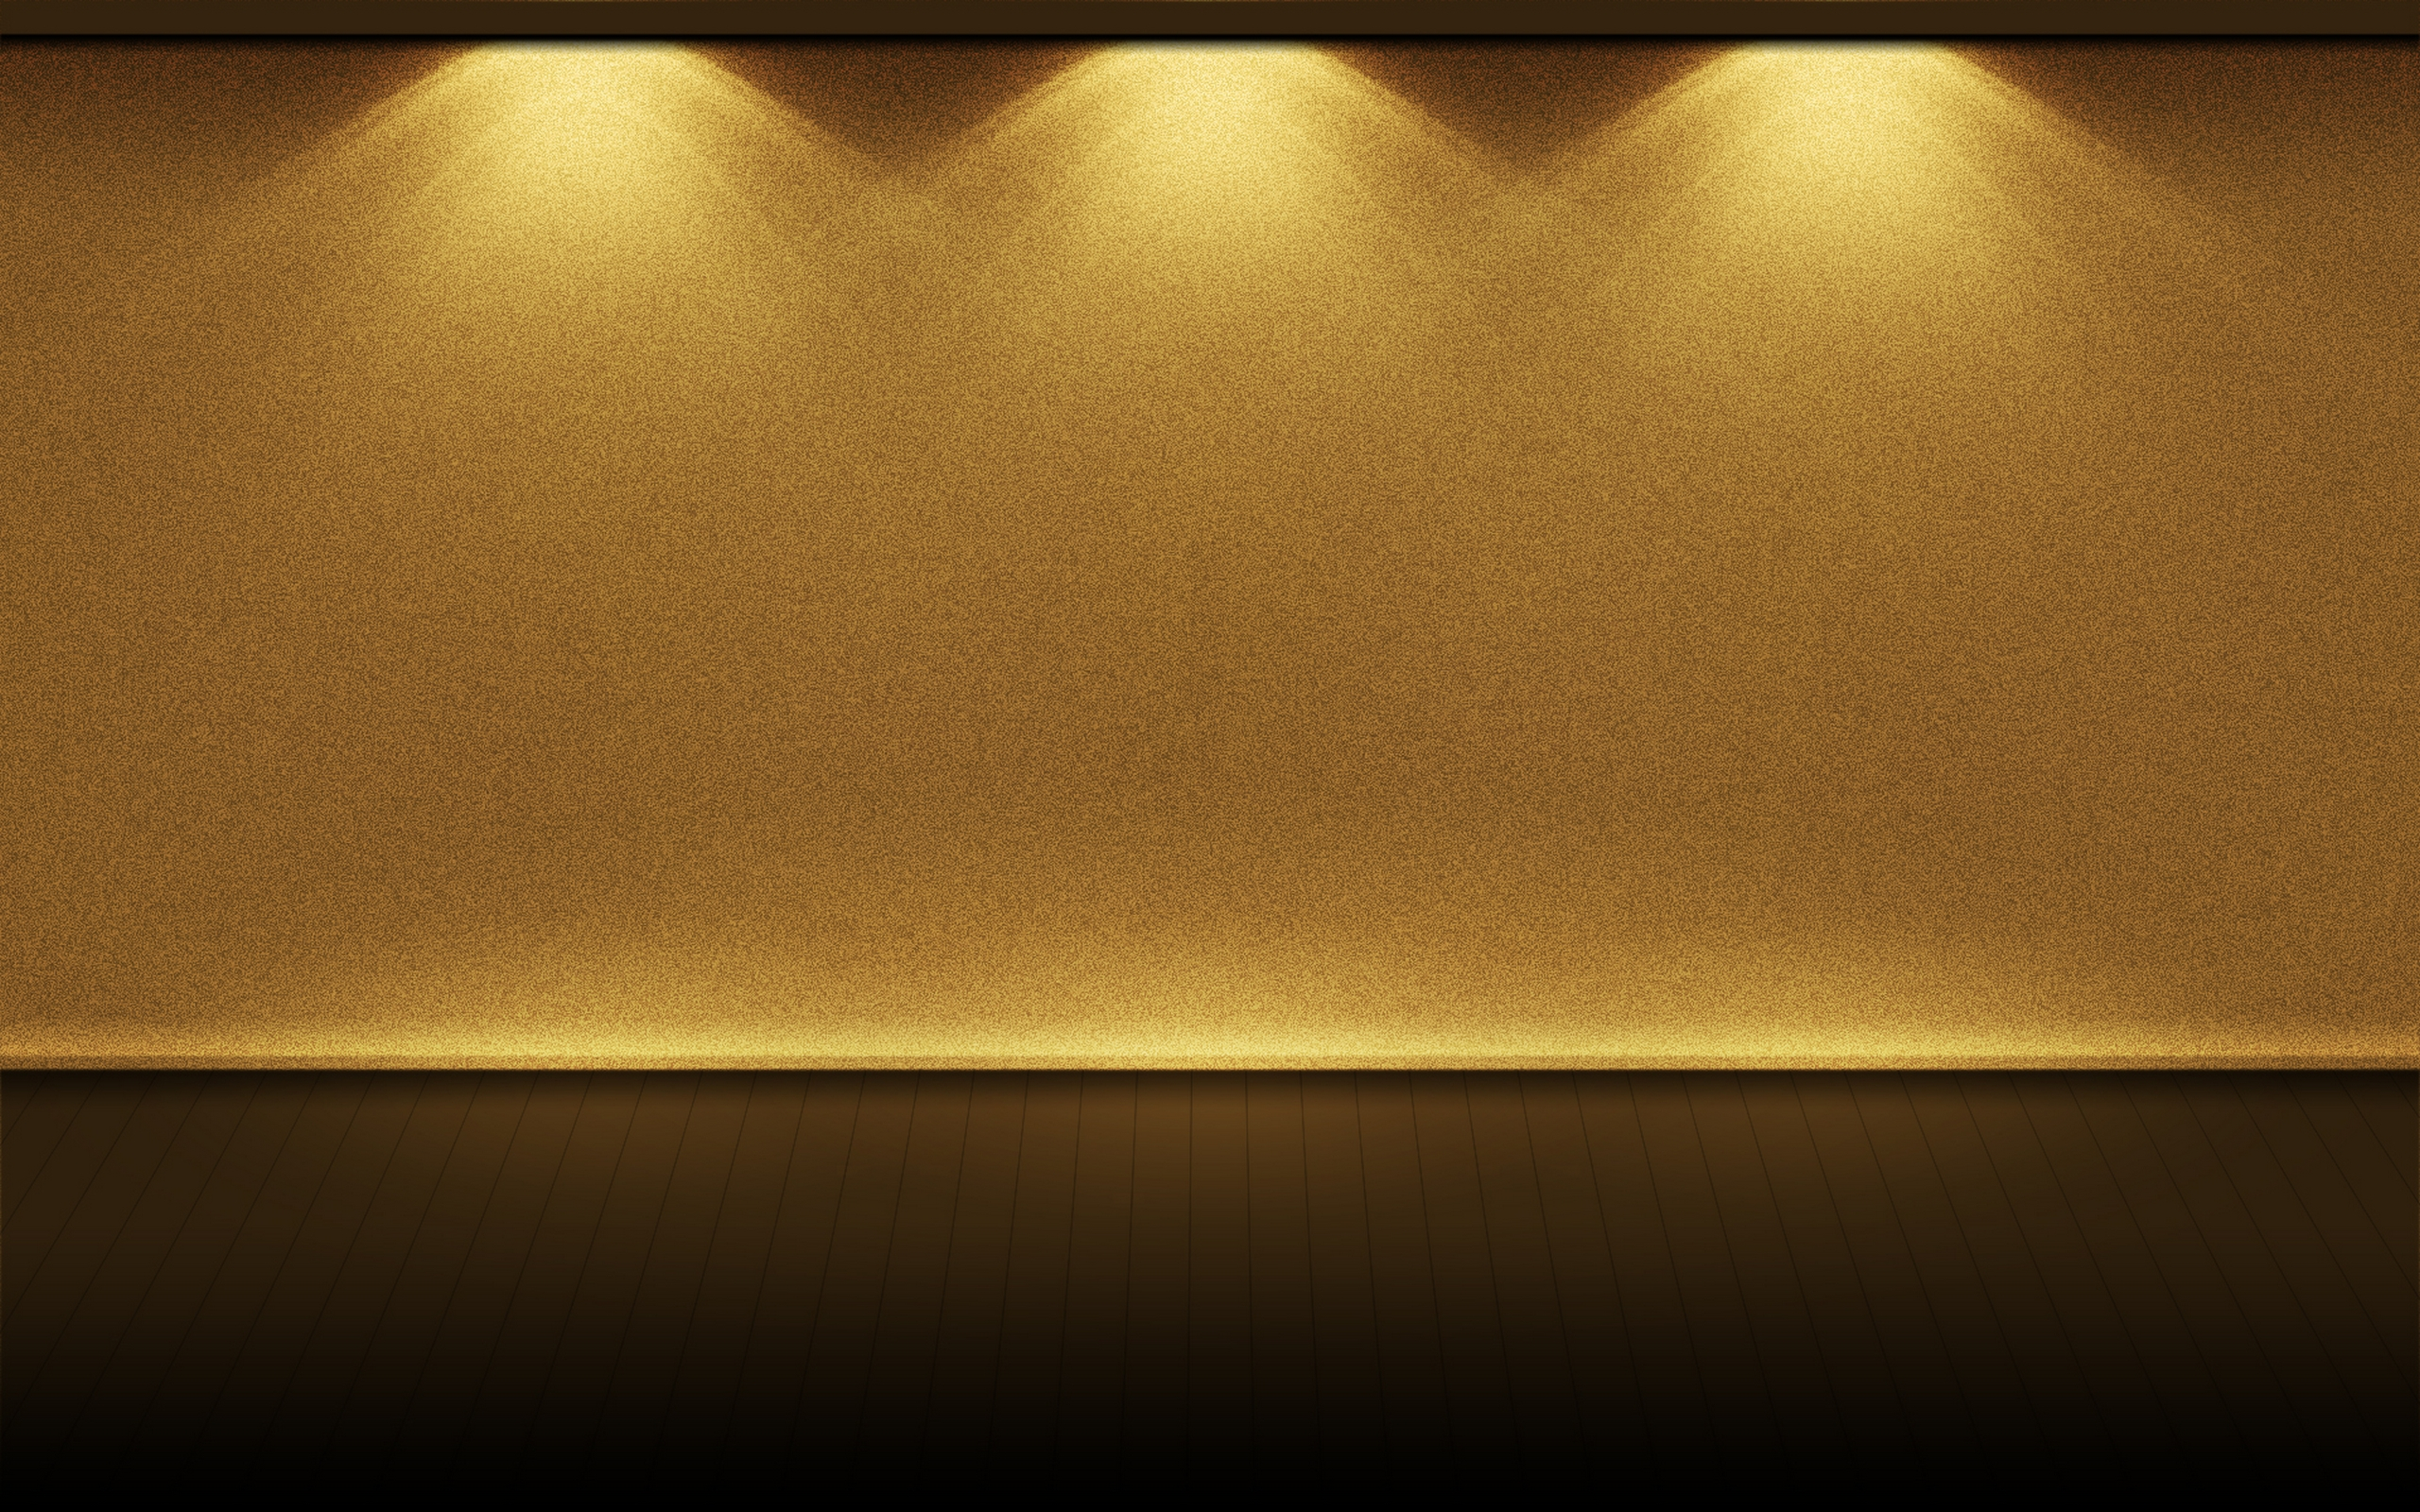 Golden Wallpaper HD - WallpaperSafari